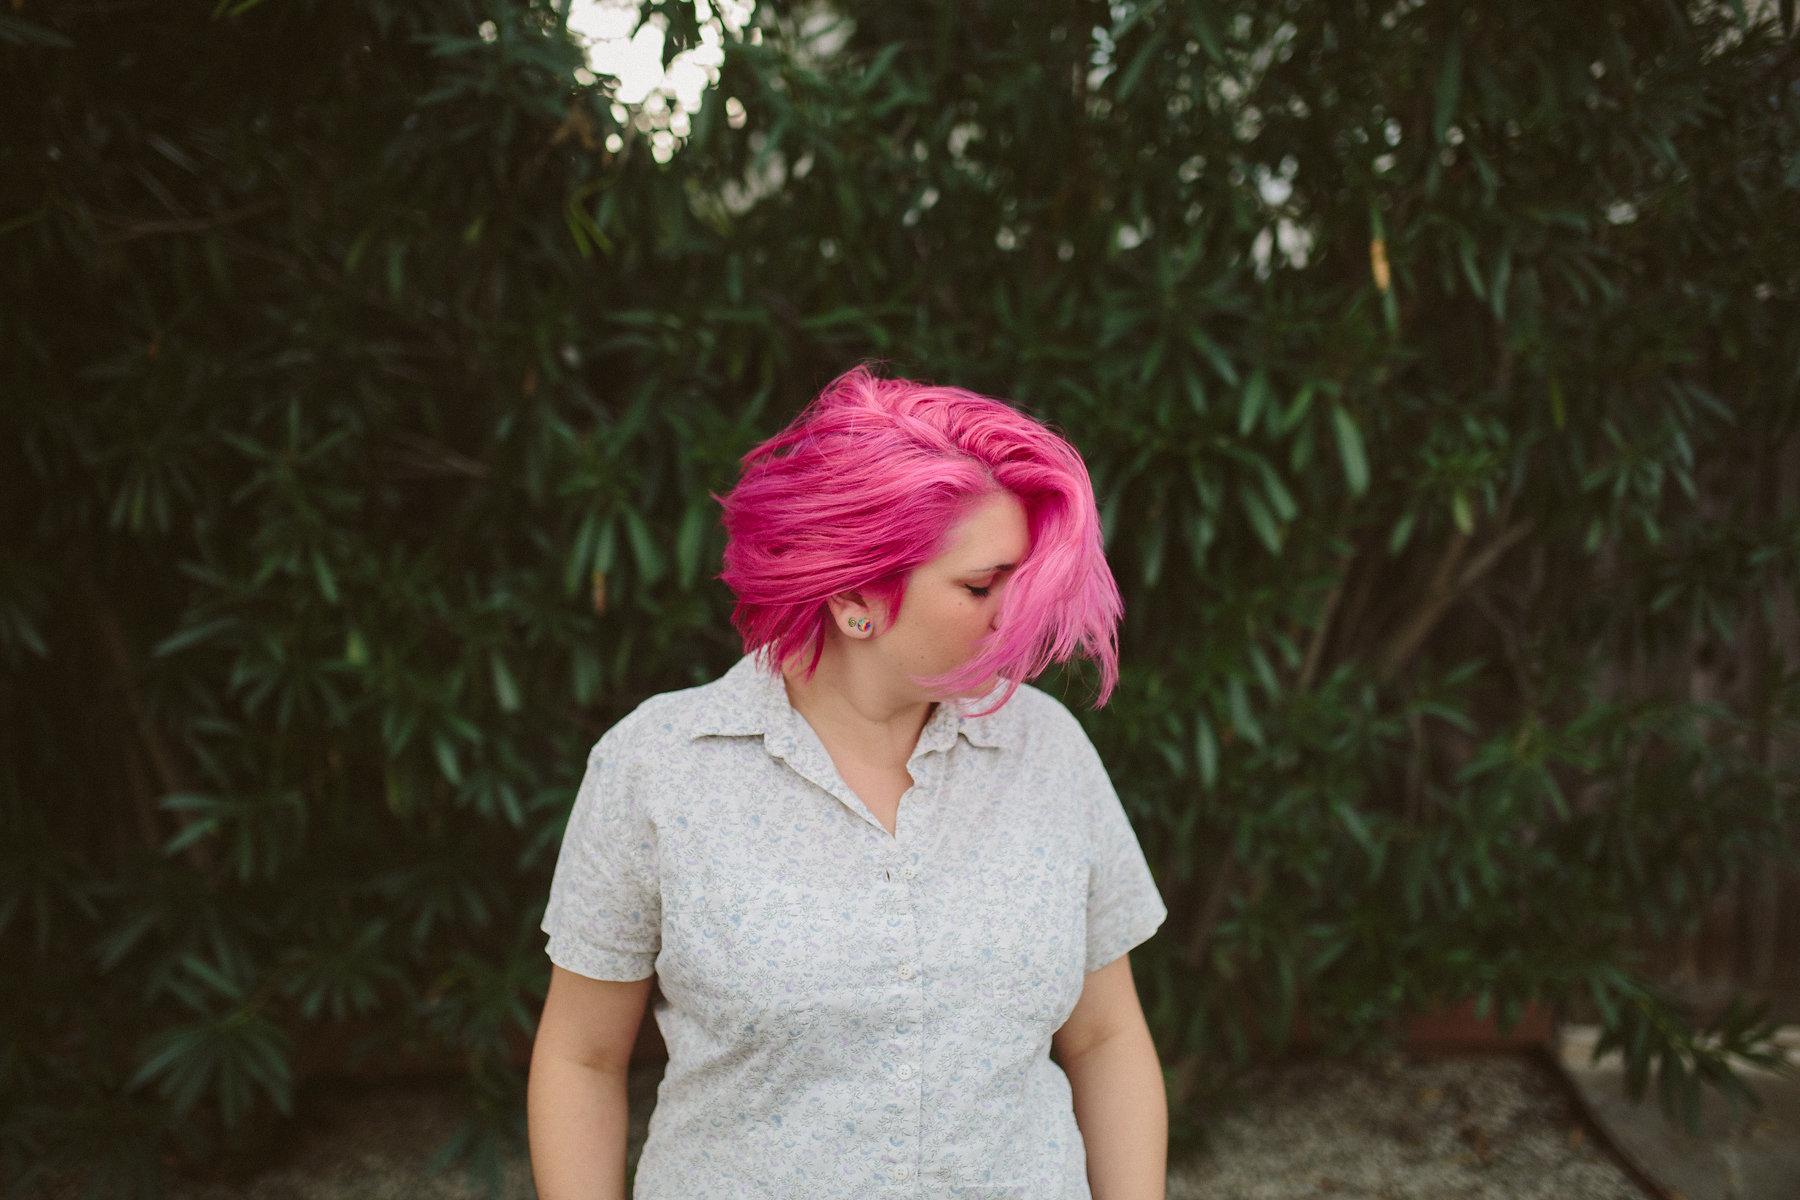 Emily-Pink-Hair-0025.jpg